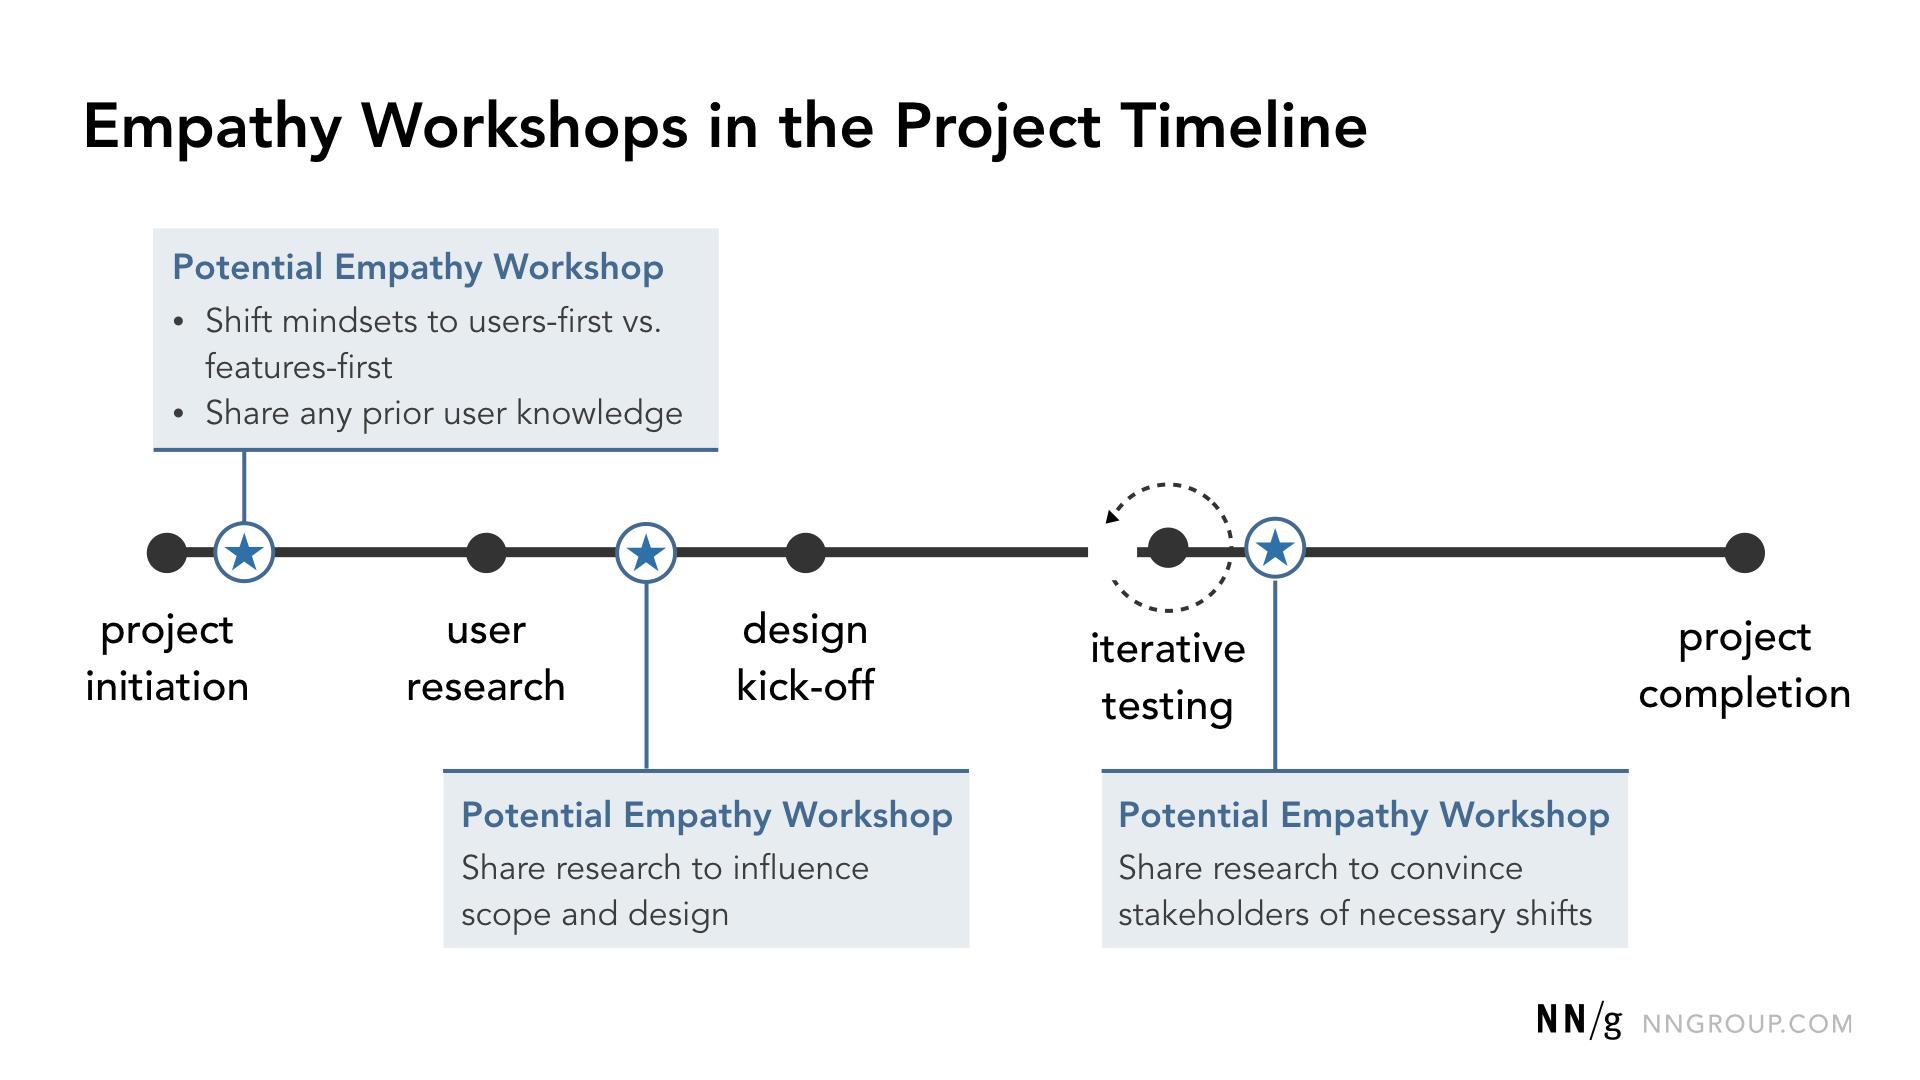 Opportunités communes d'ateliers d'empathie sur une chronologie de conception de haut niveau